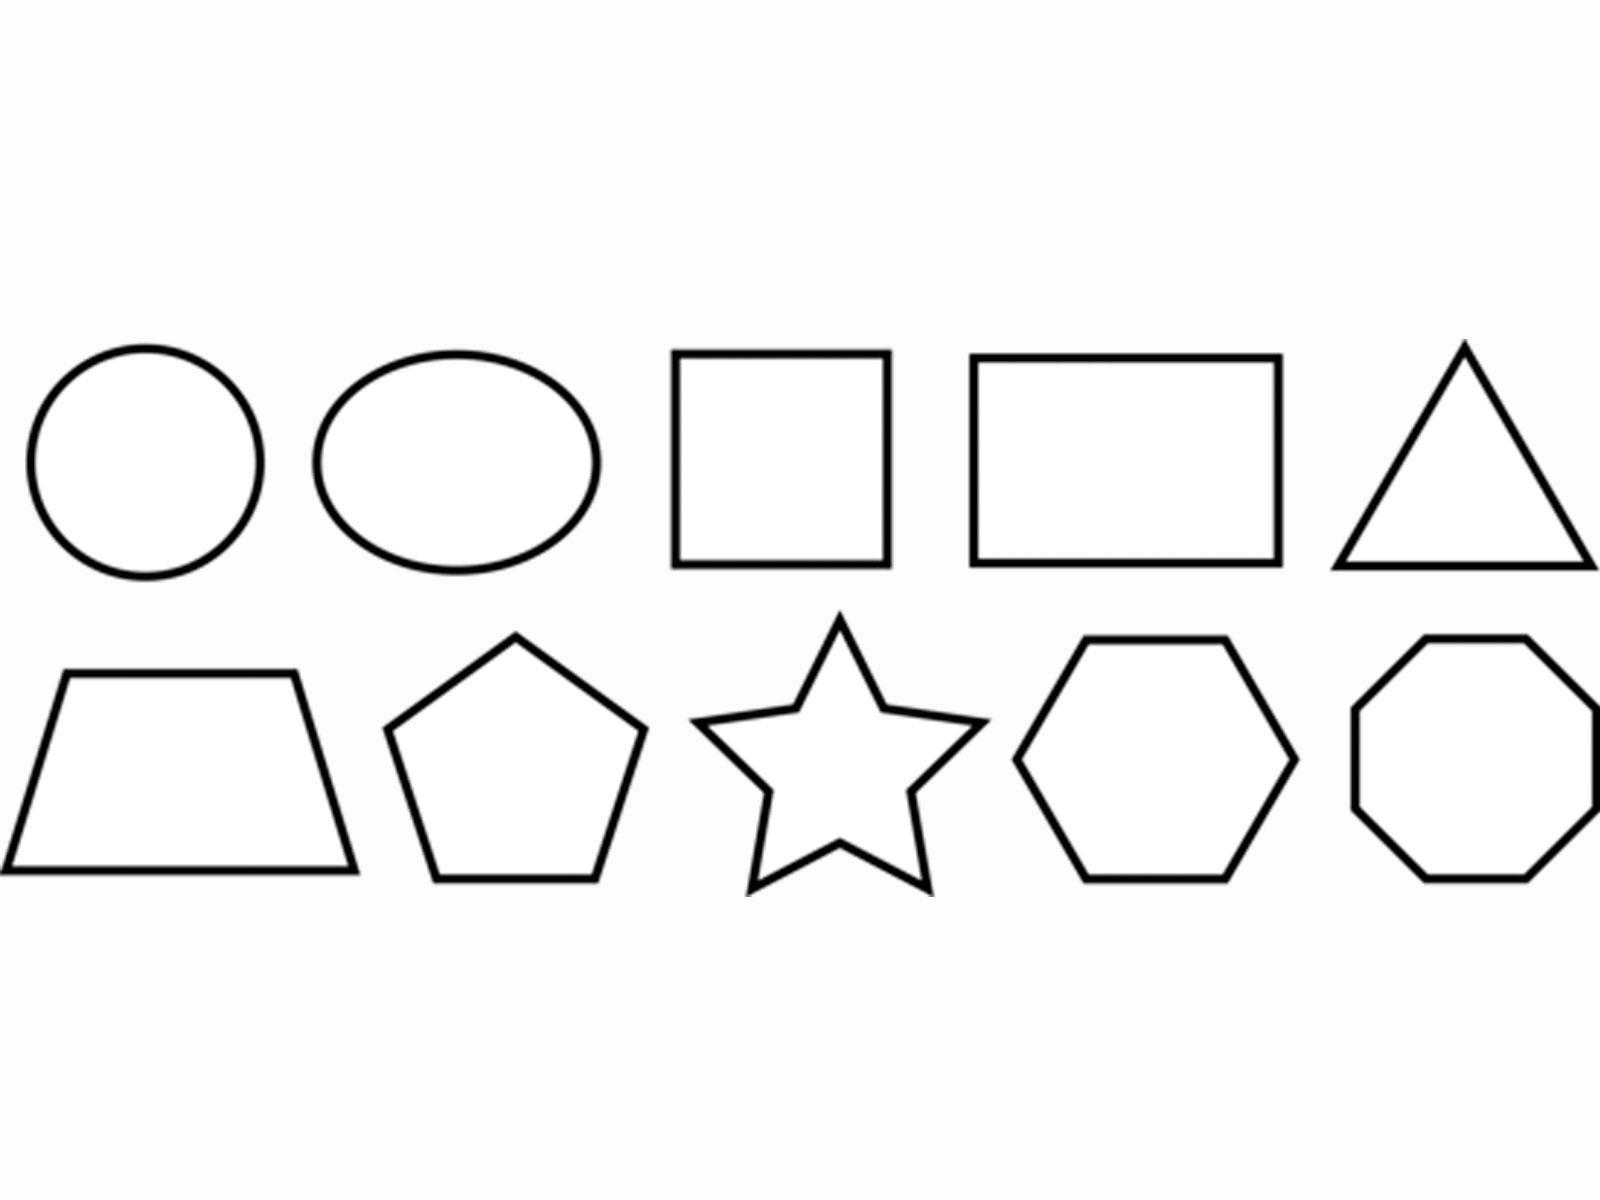 раскраски контуры для вырезания геометрических фигур